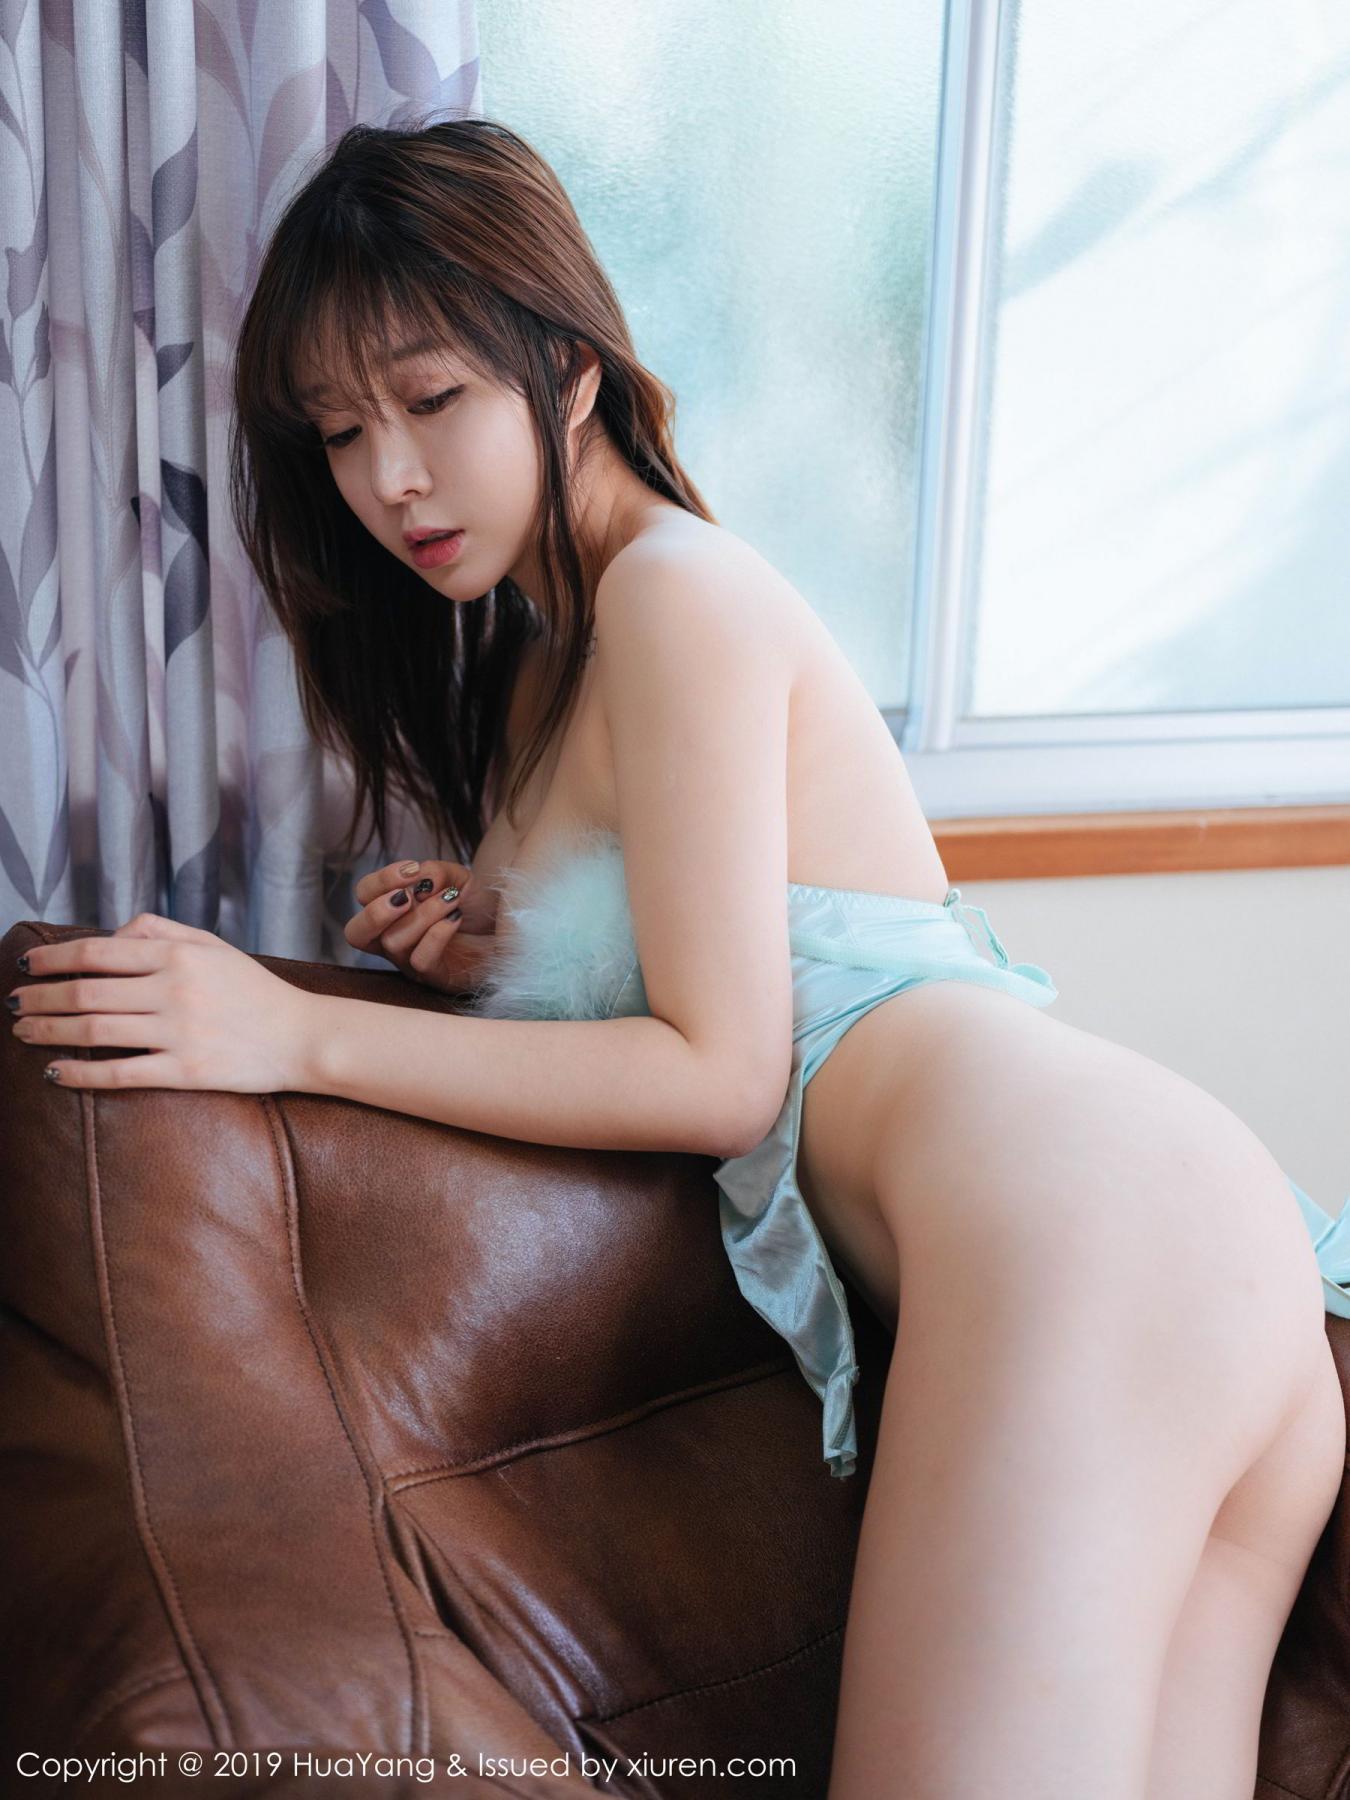 [Huayang] Vol.120 Wang Yu Chun 36P, Adult, Big Booty, HuaYang, Underwear, Wang Yu Chun